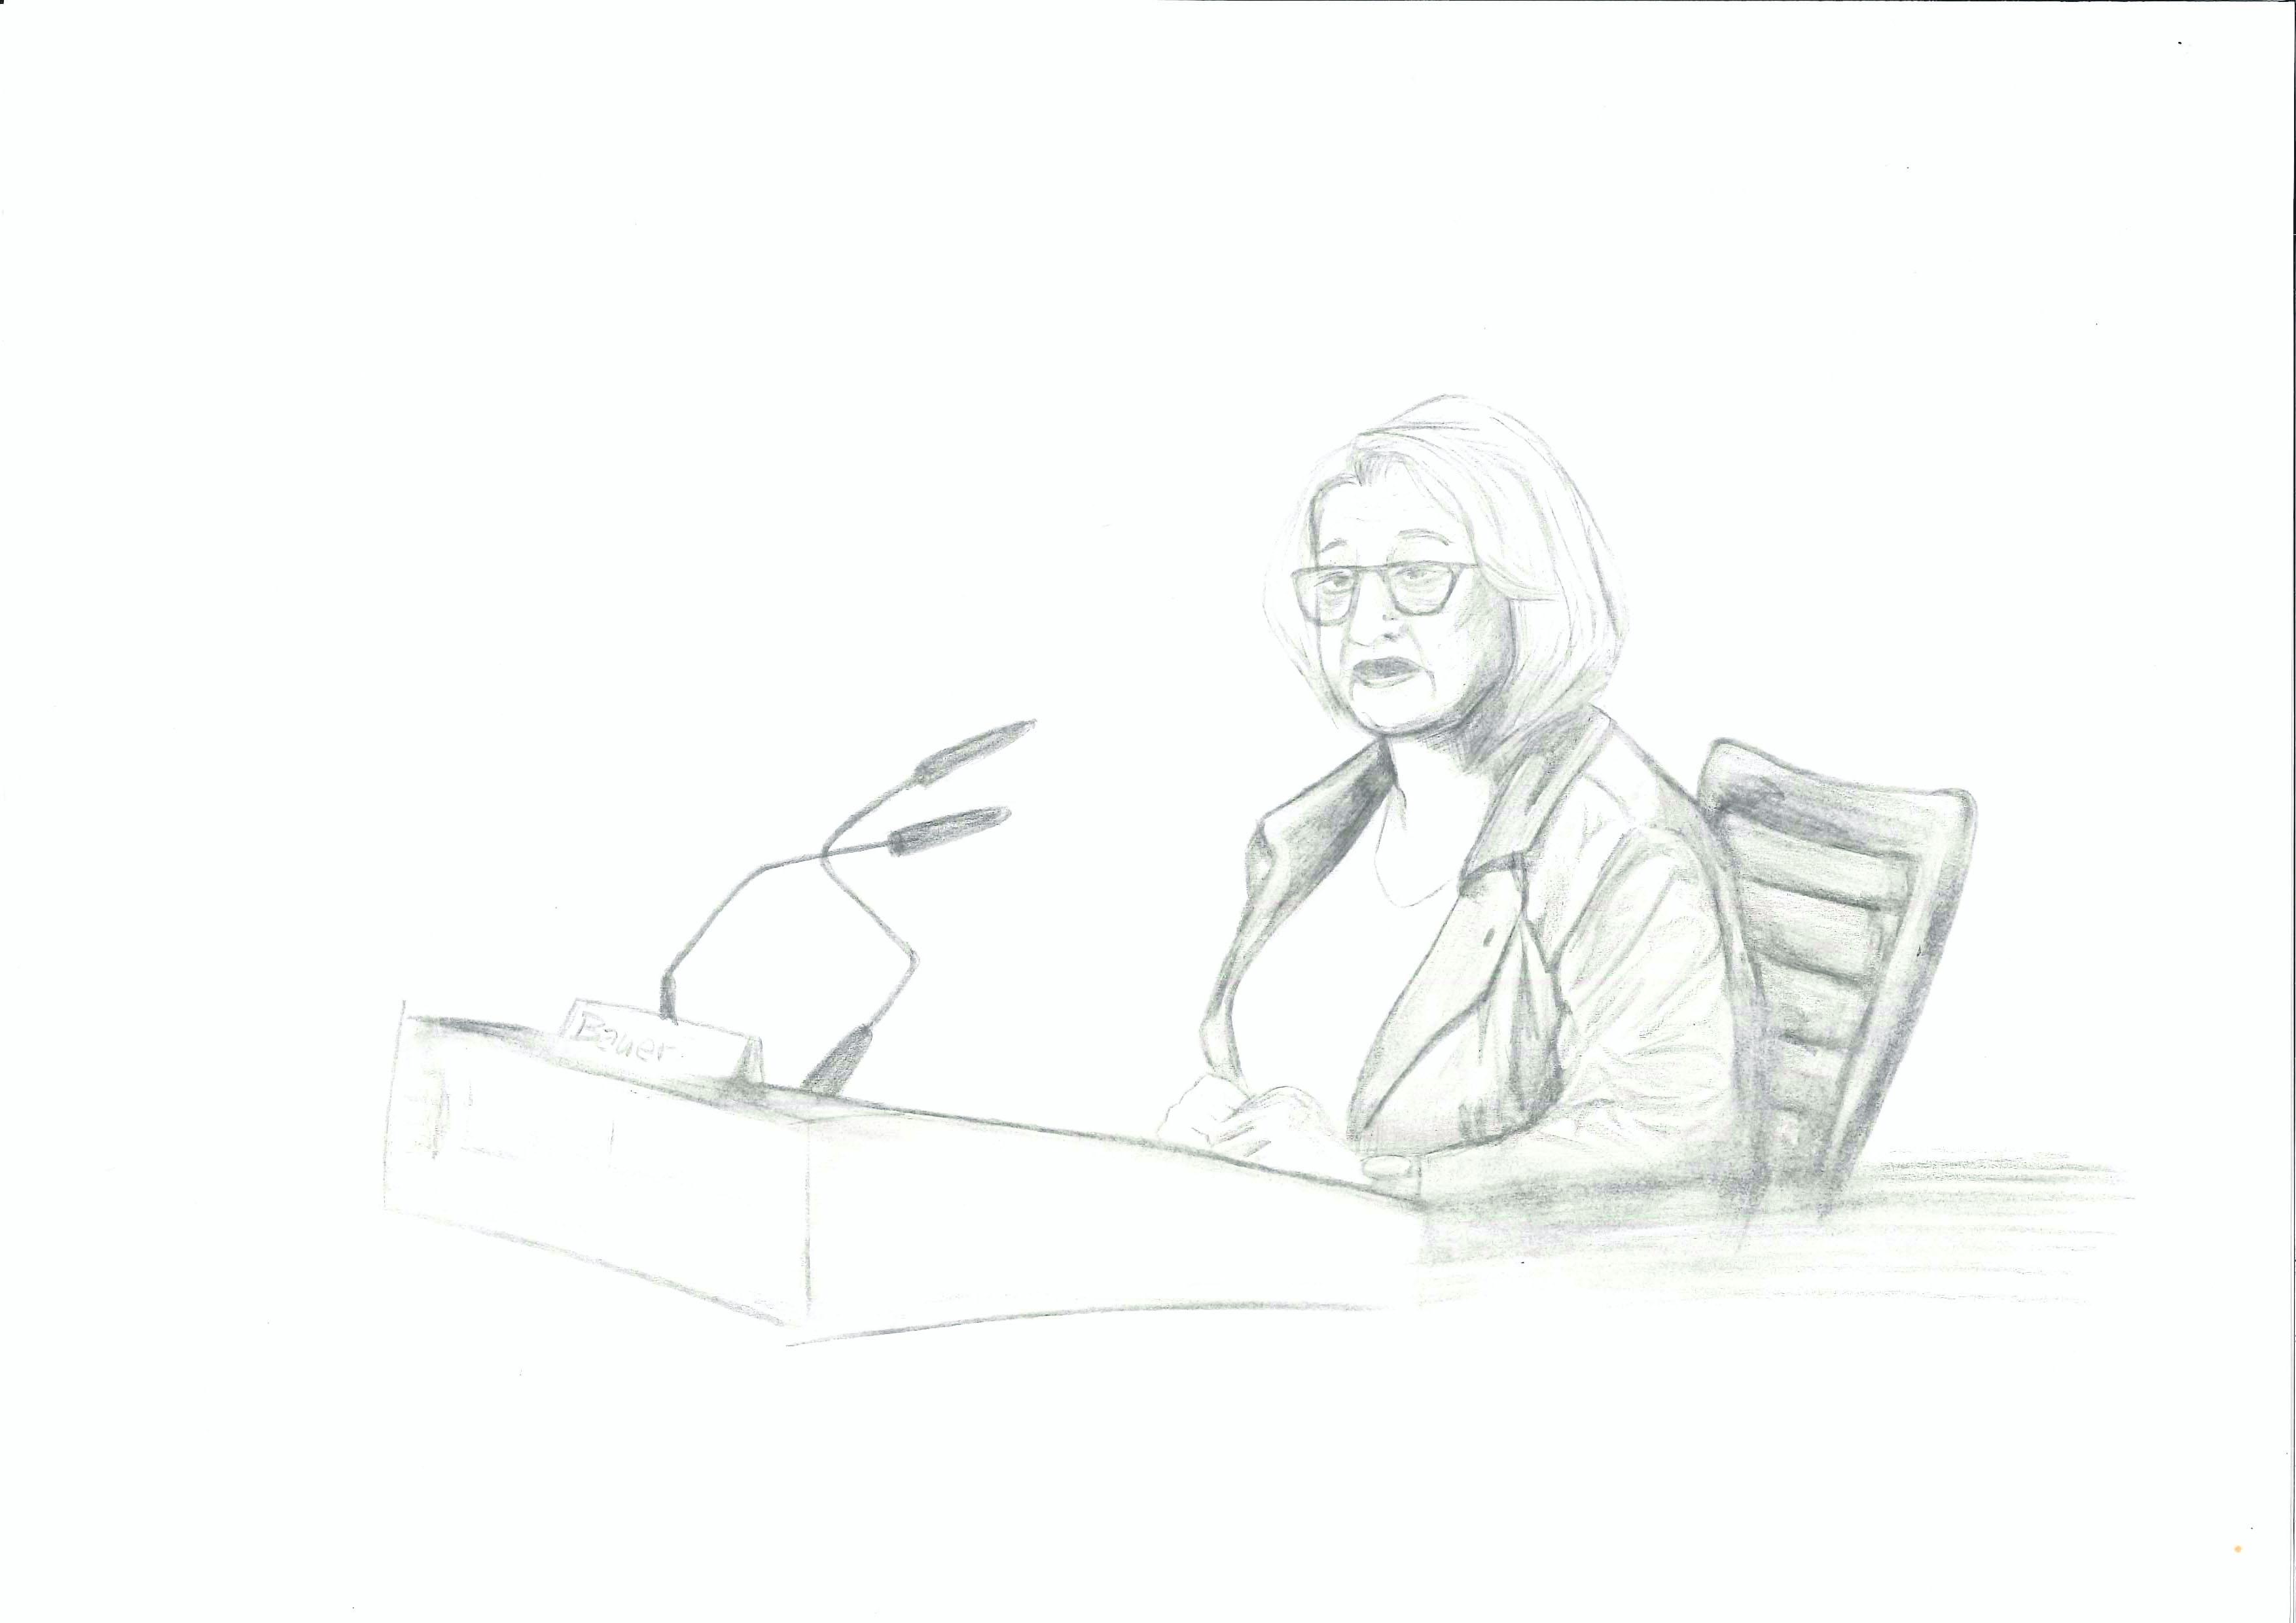 Theresia Bauer musste sich vor dem Untersuchungsausschuss erklären: Zeichnung Bérenièce Burdack